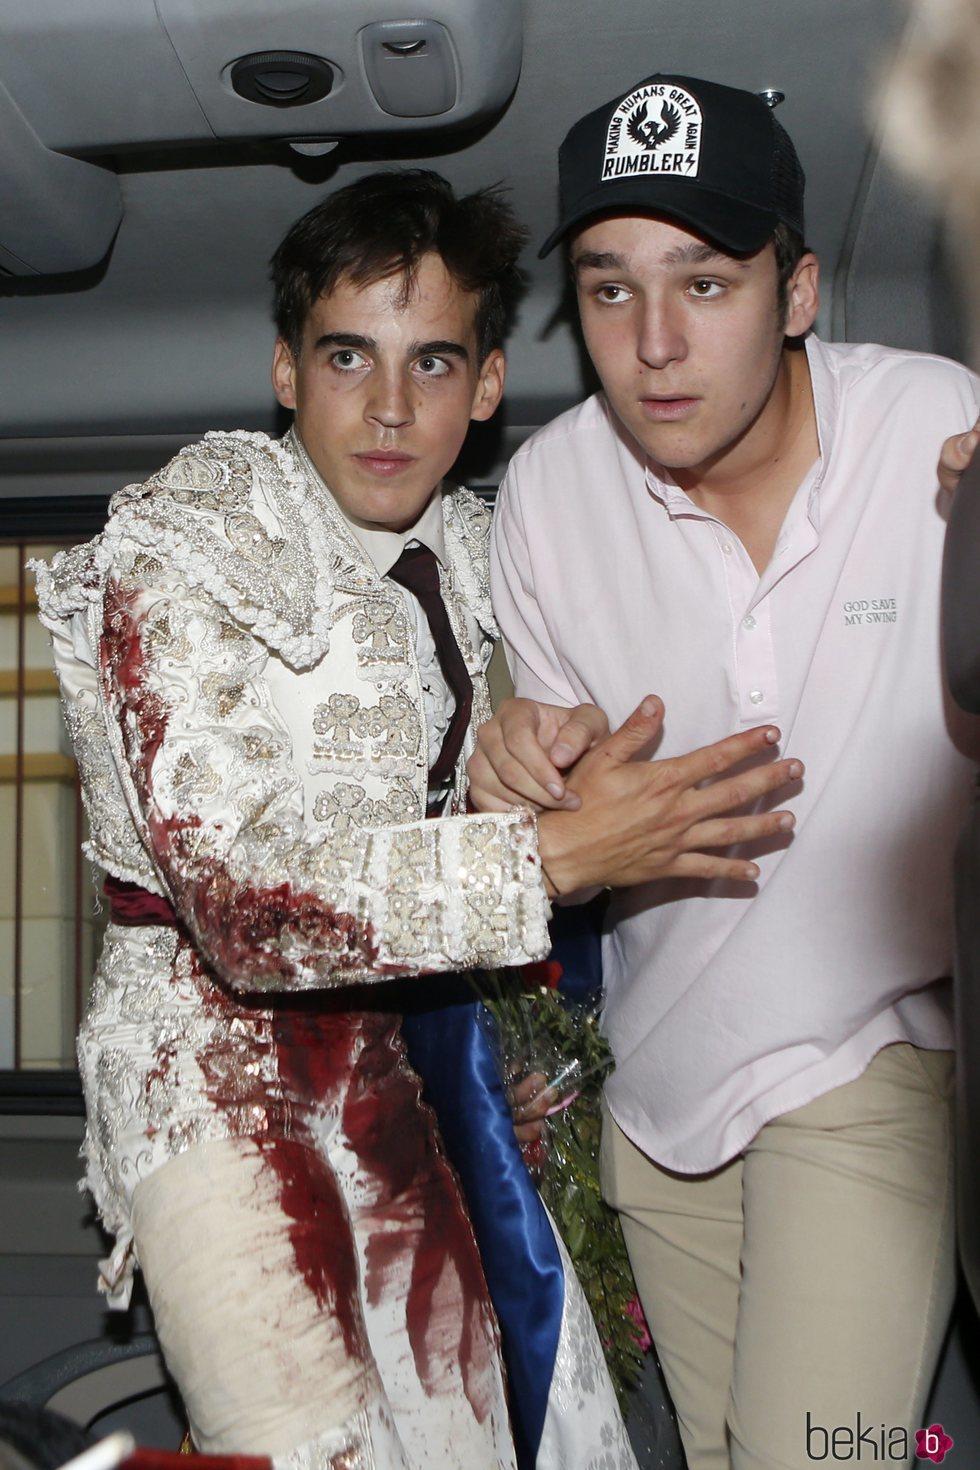 Felipe de Marichalar y Gonzalo Caballero en una fiesta taurina